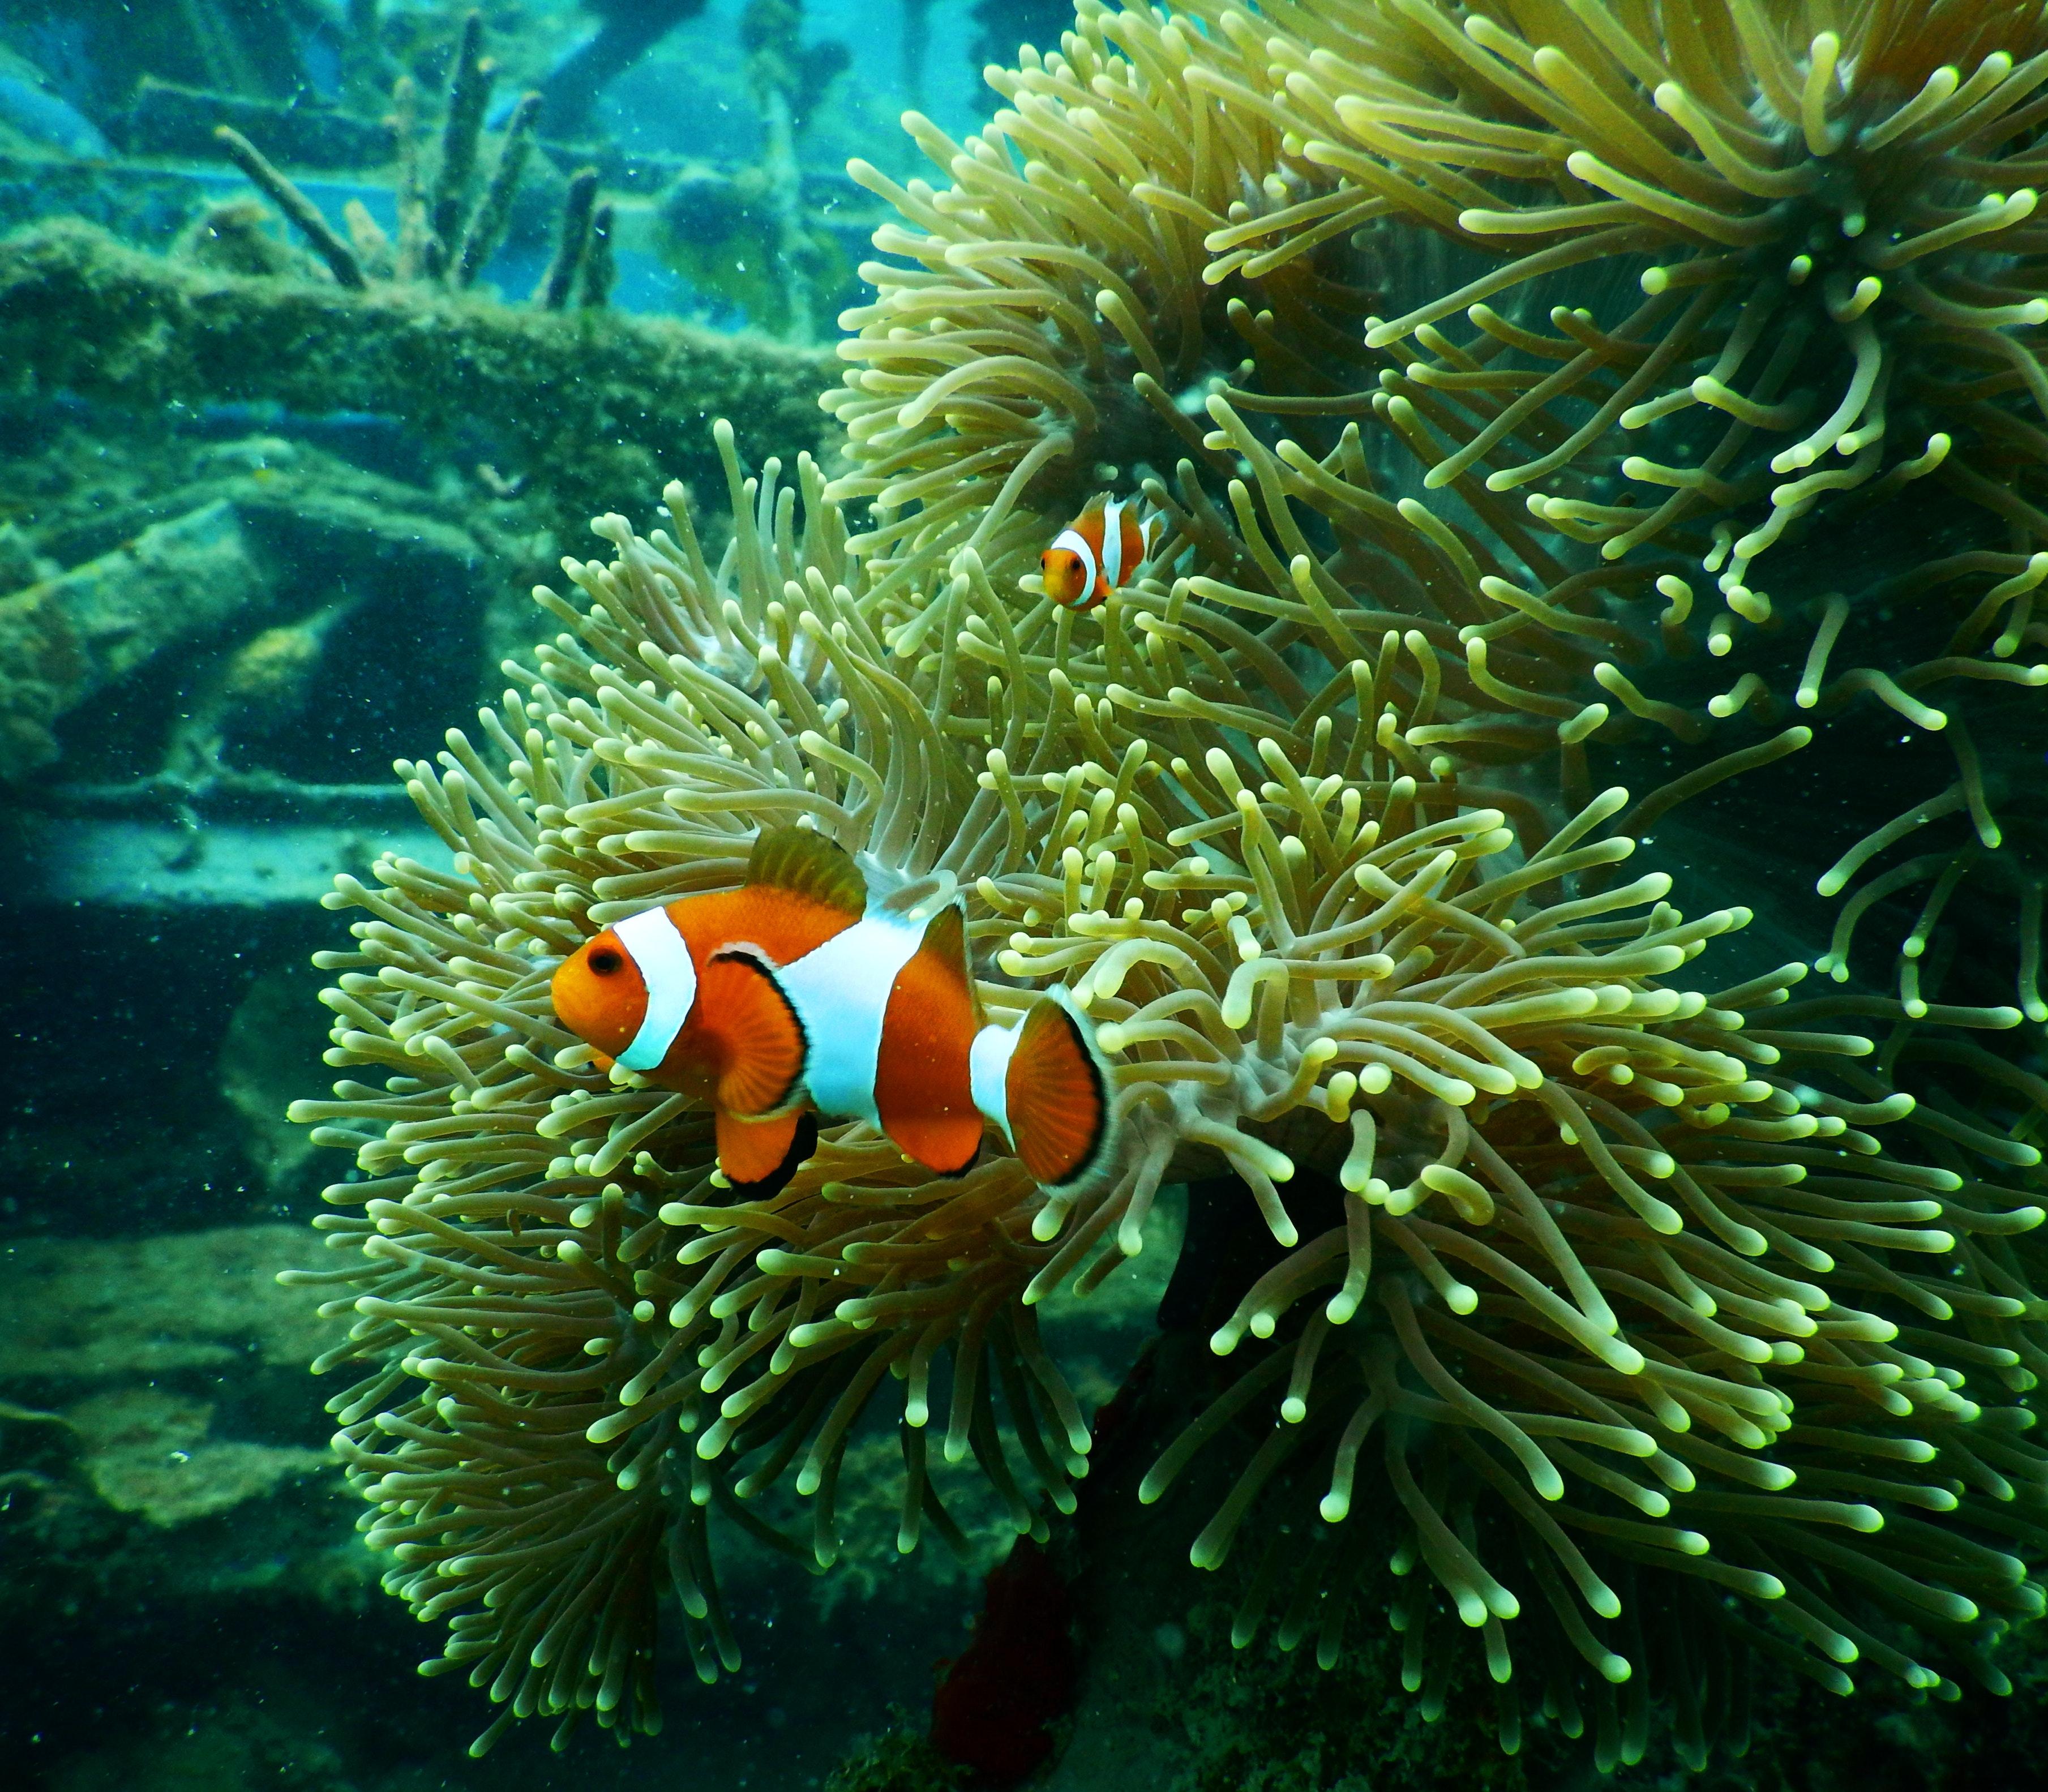 88 Koleksi Gambar Hewan Ikan Laut Gratis Terbaru